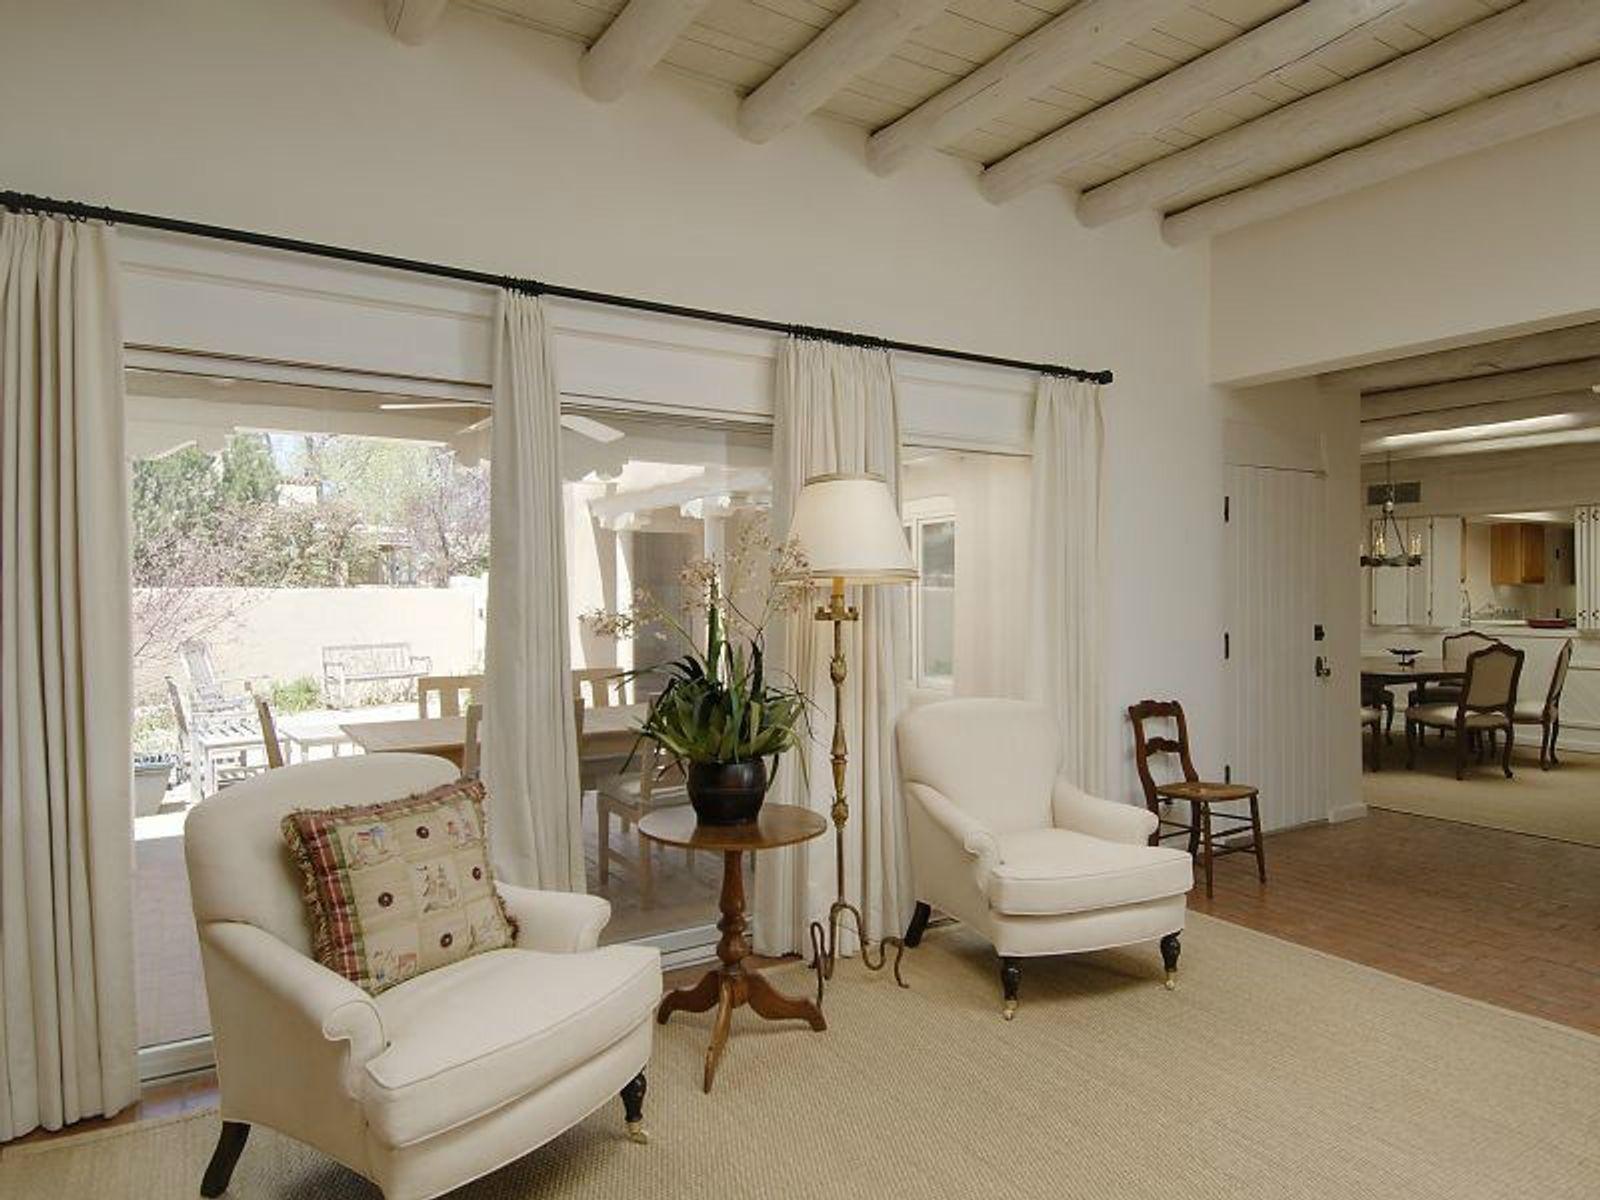 Living Room, Towards Dining Room